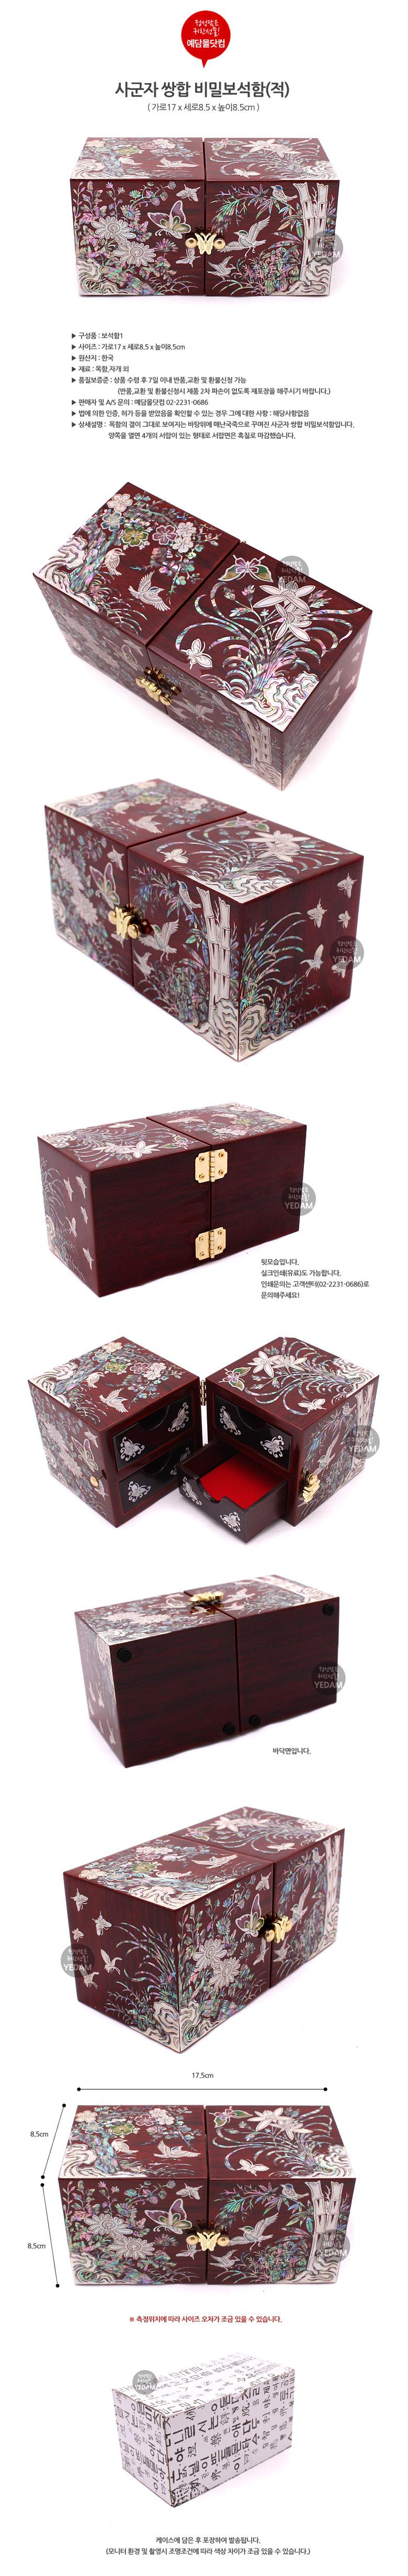 나전칠기 자개 쌍합 보석함 사군자 - 적 - 예담몰닷컴, 55,000원, 보관함/진열대, 주얼리보관함